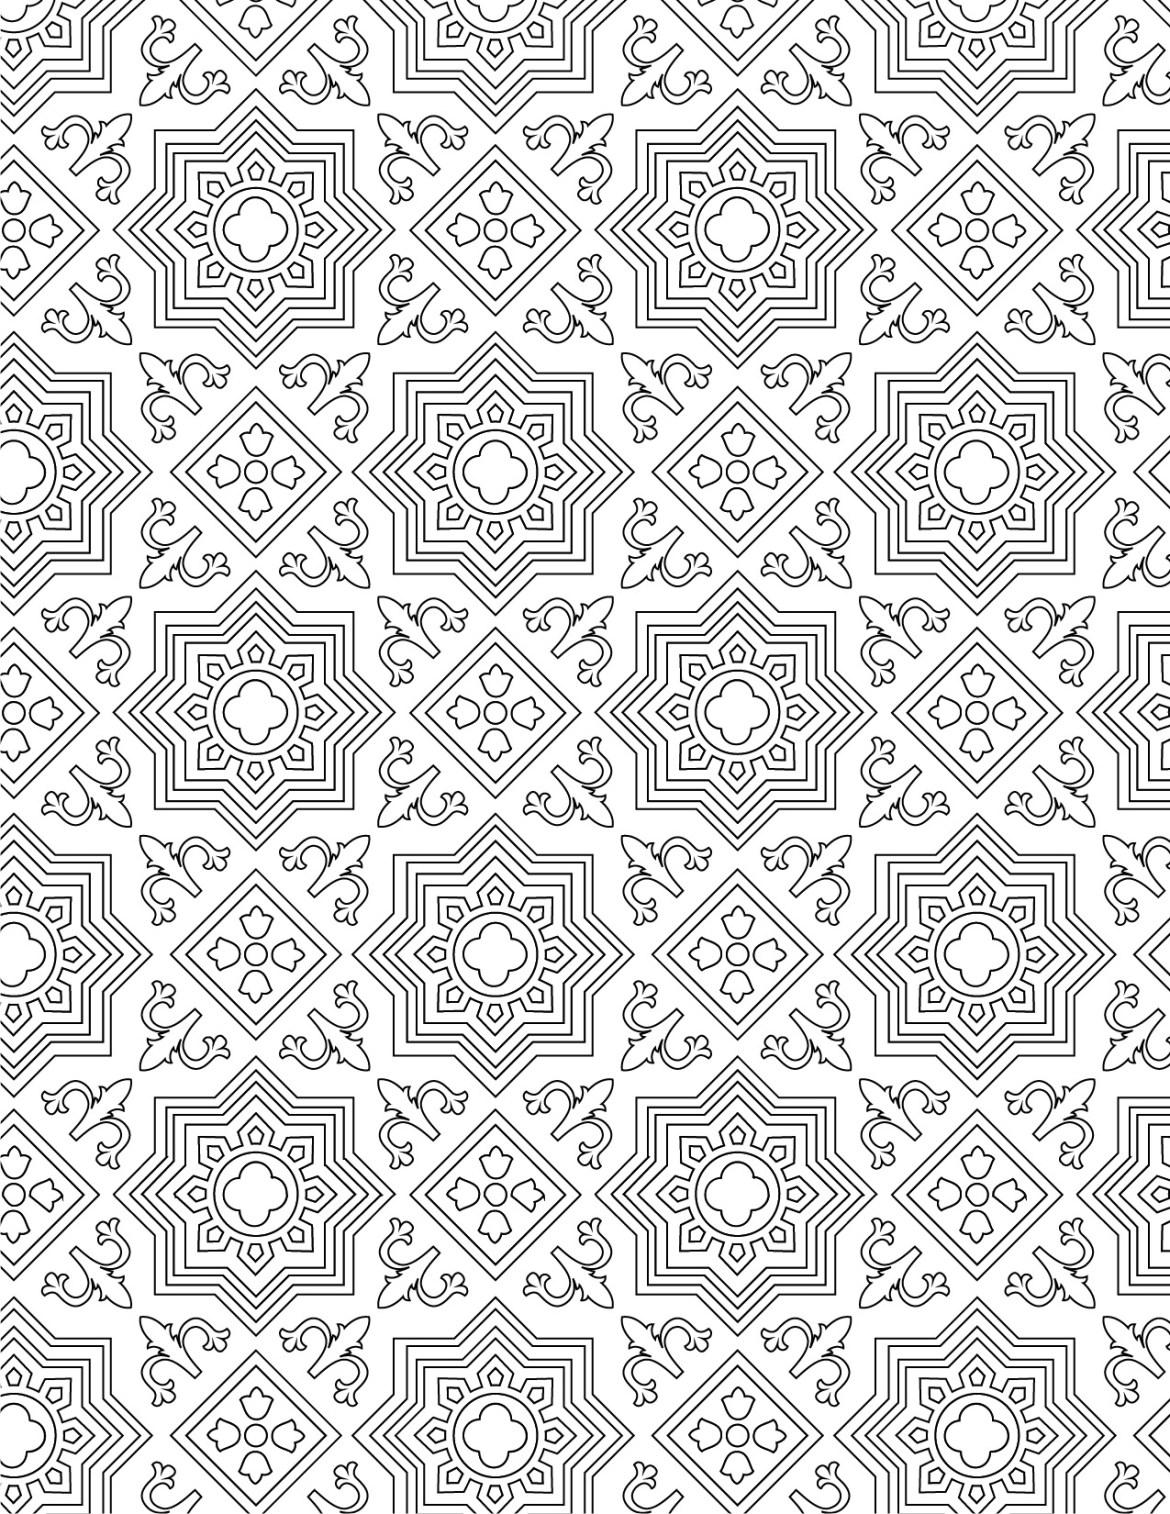 Imprimer coloriage gratuit motif mosaique - Dessin mosaique a imprimer ...